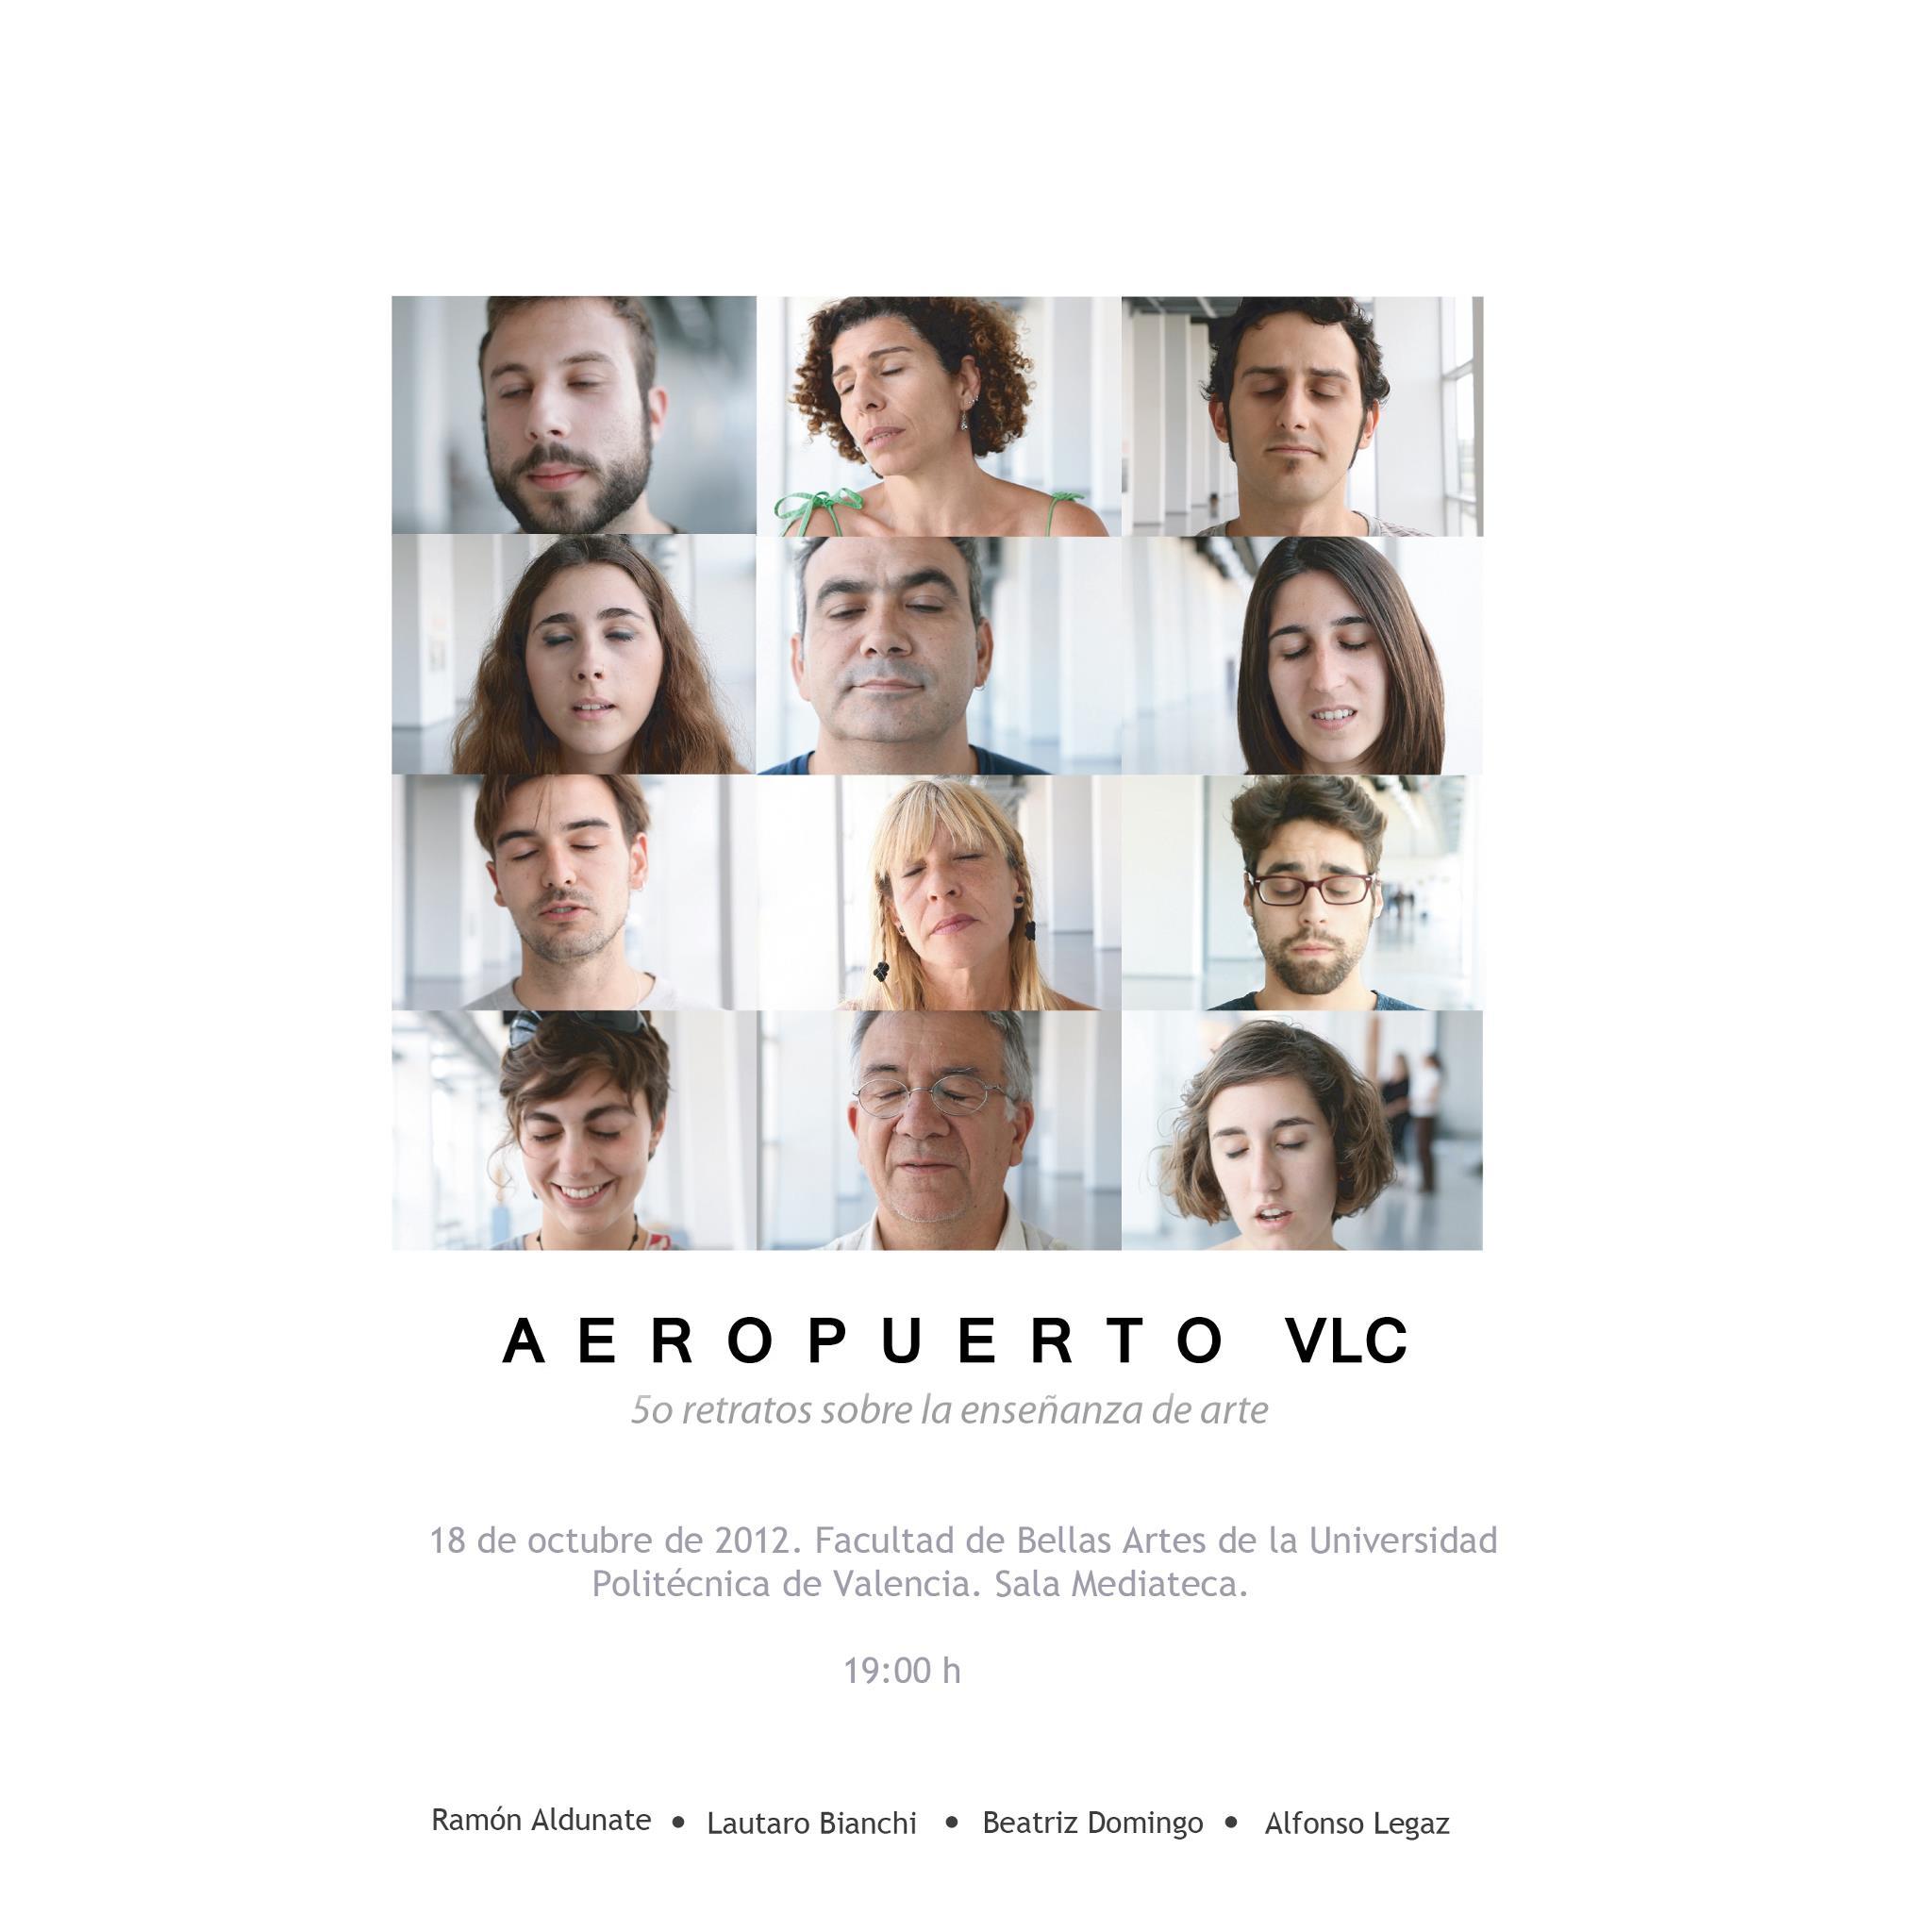 A E R O P U E R T O  VLC. 50 retratos sobre la enseñanza de arte (2012) - Alfonso Legaz